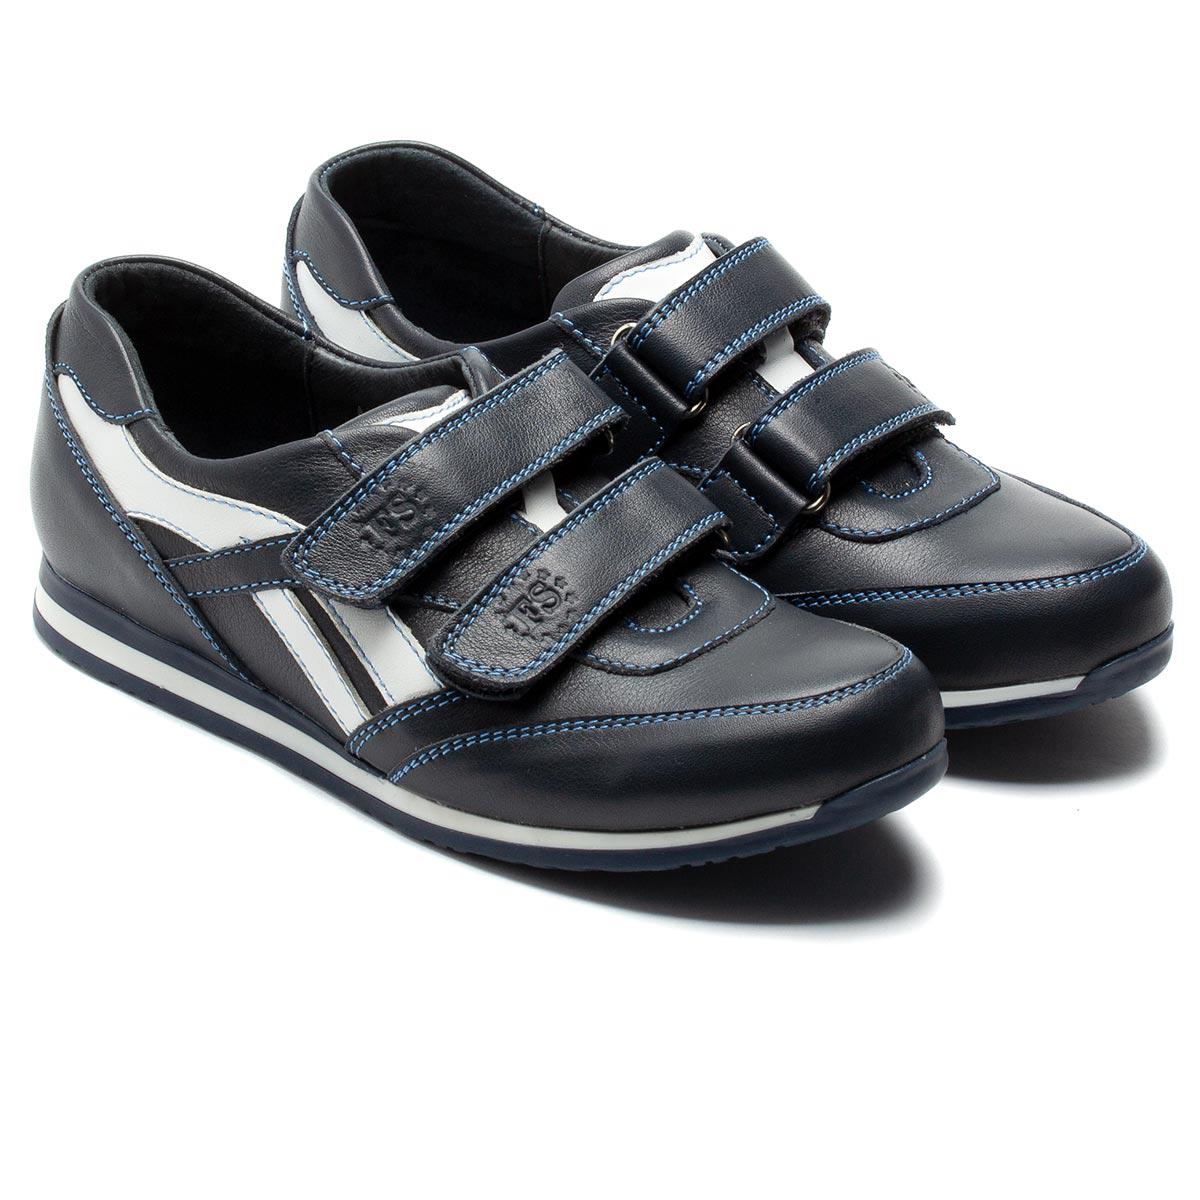 Детские ортопедические  кроссовки FS Сollection для мальчиков, размер 31-35